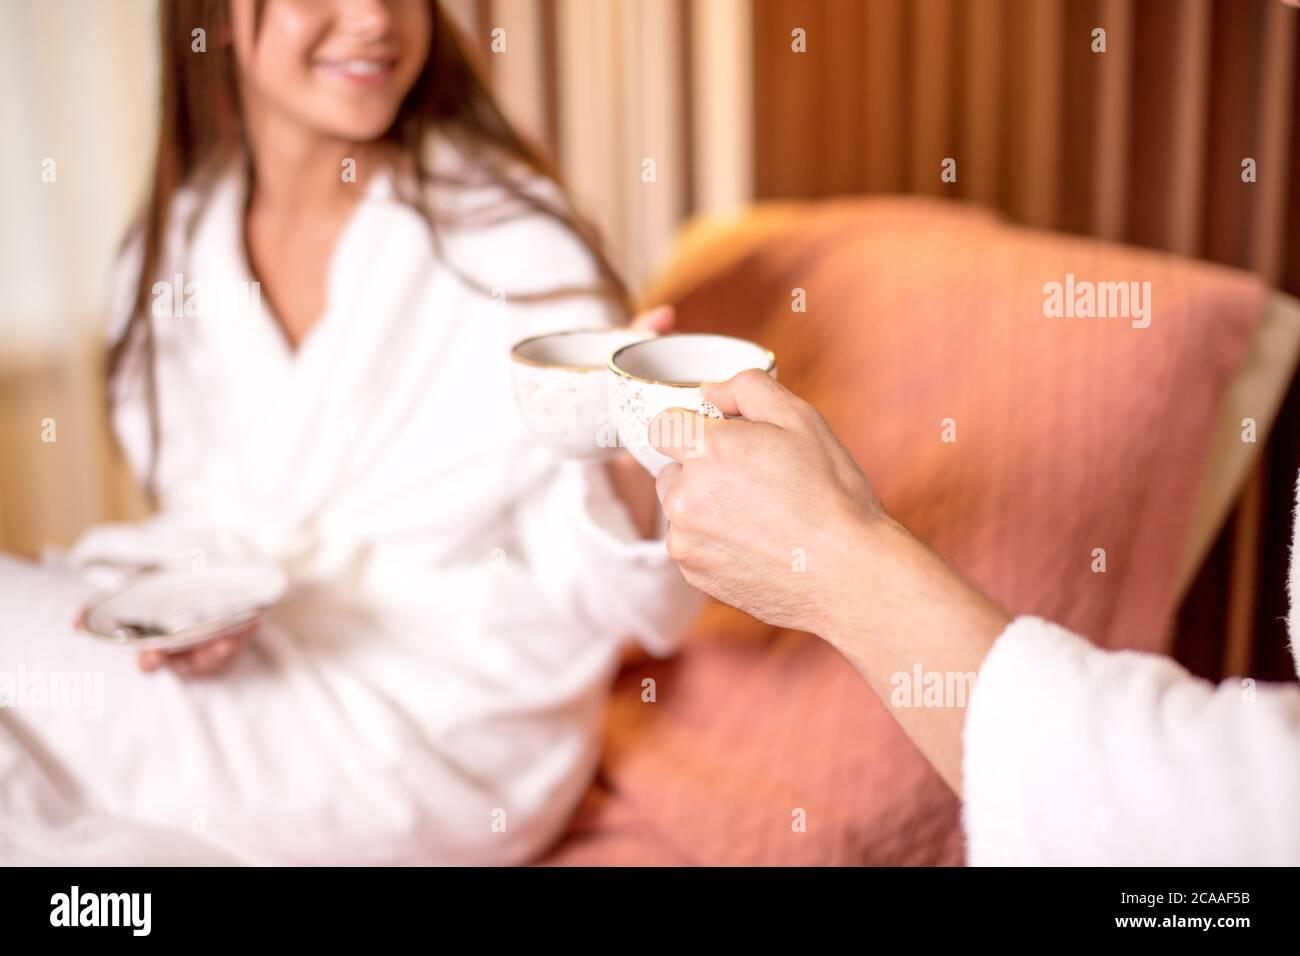 una pareja joven que se alaba de un ambiente de miel en la habitación del hotel. foto de primer plano vista lateral. café matutino para gente amante Foto de stock